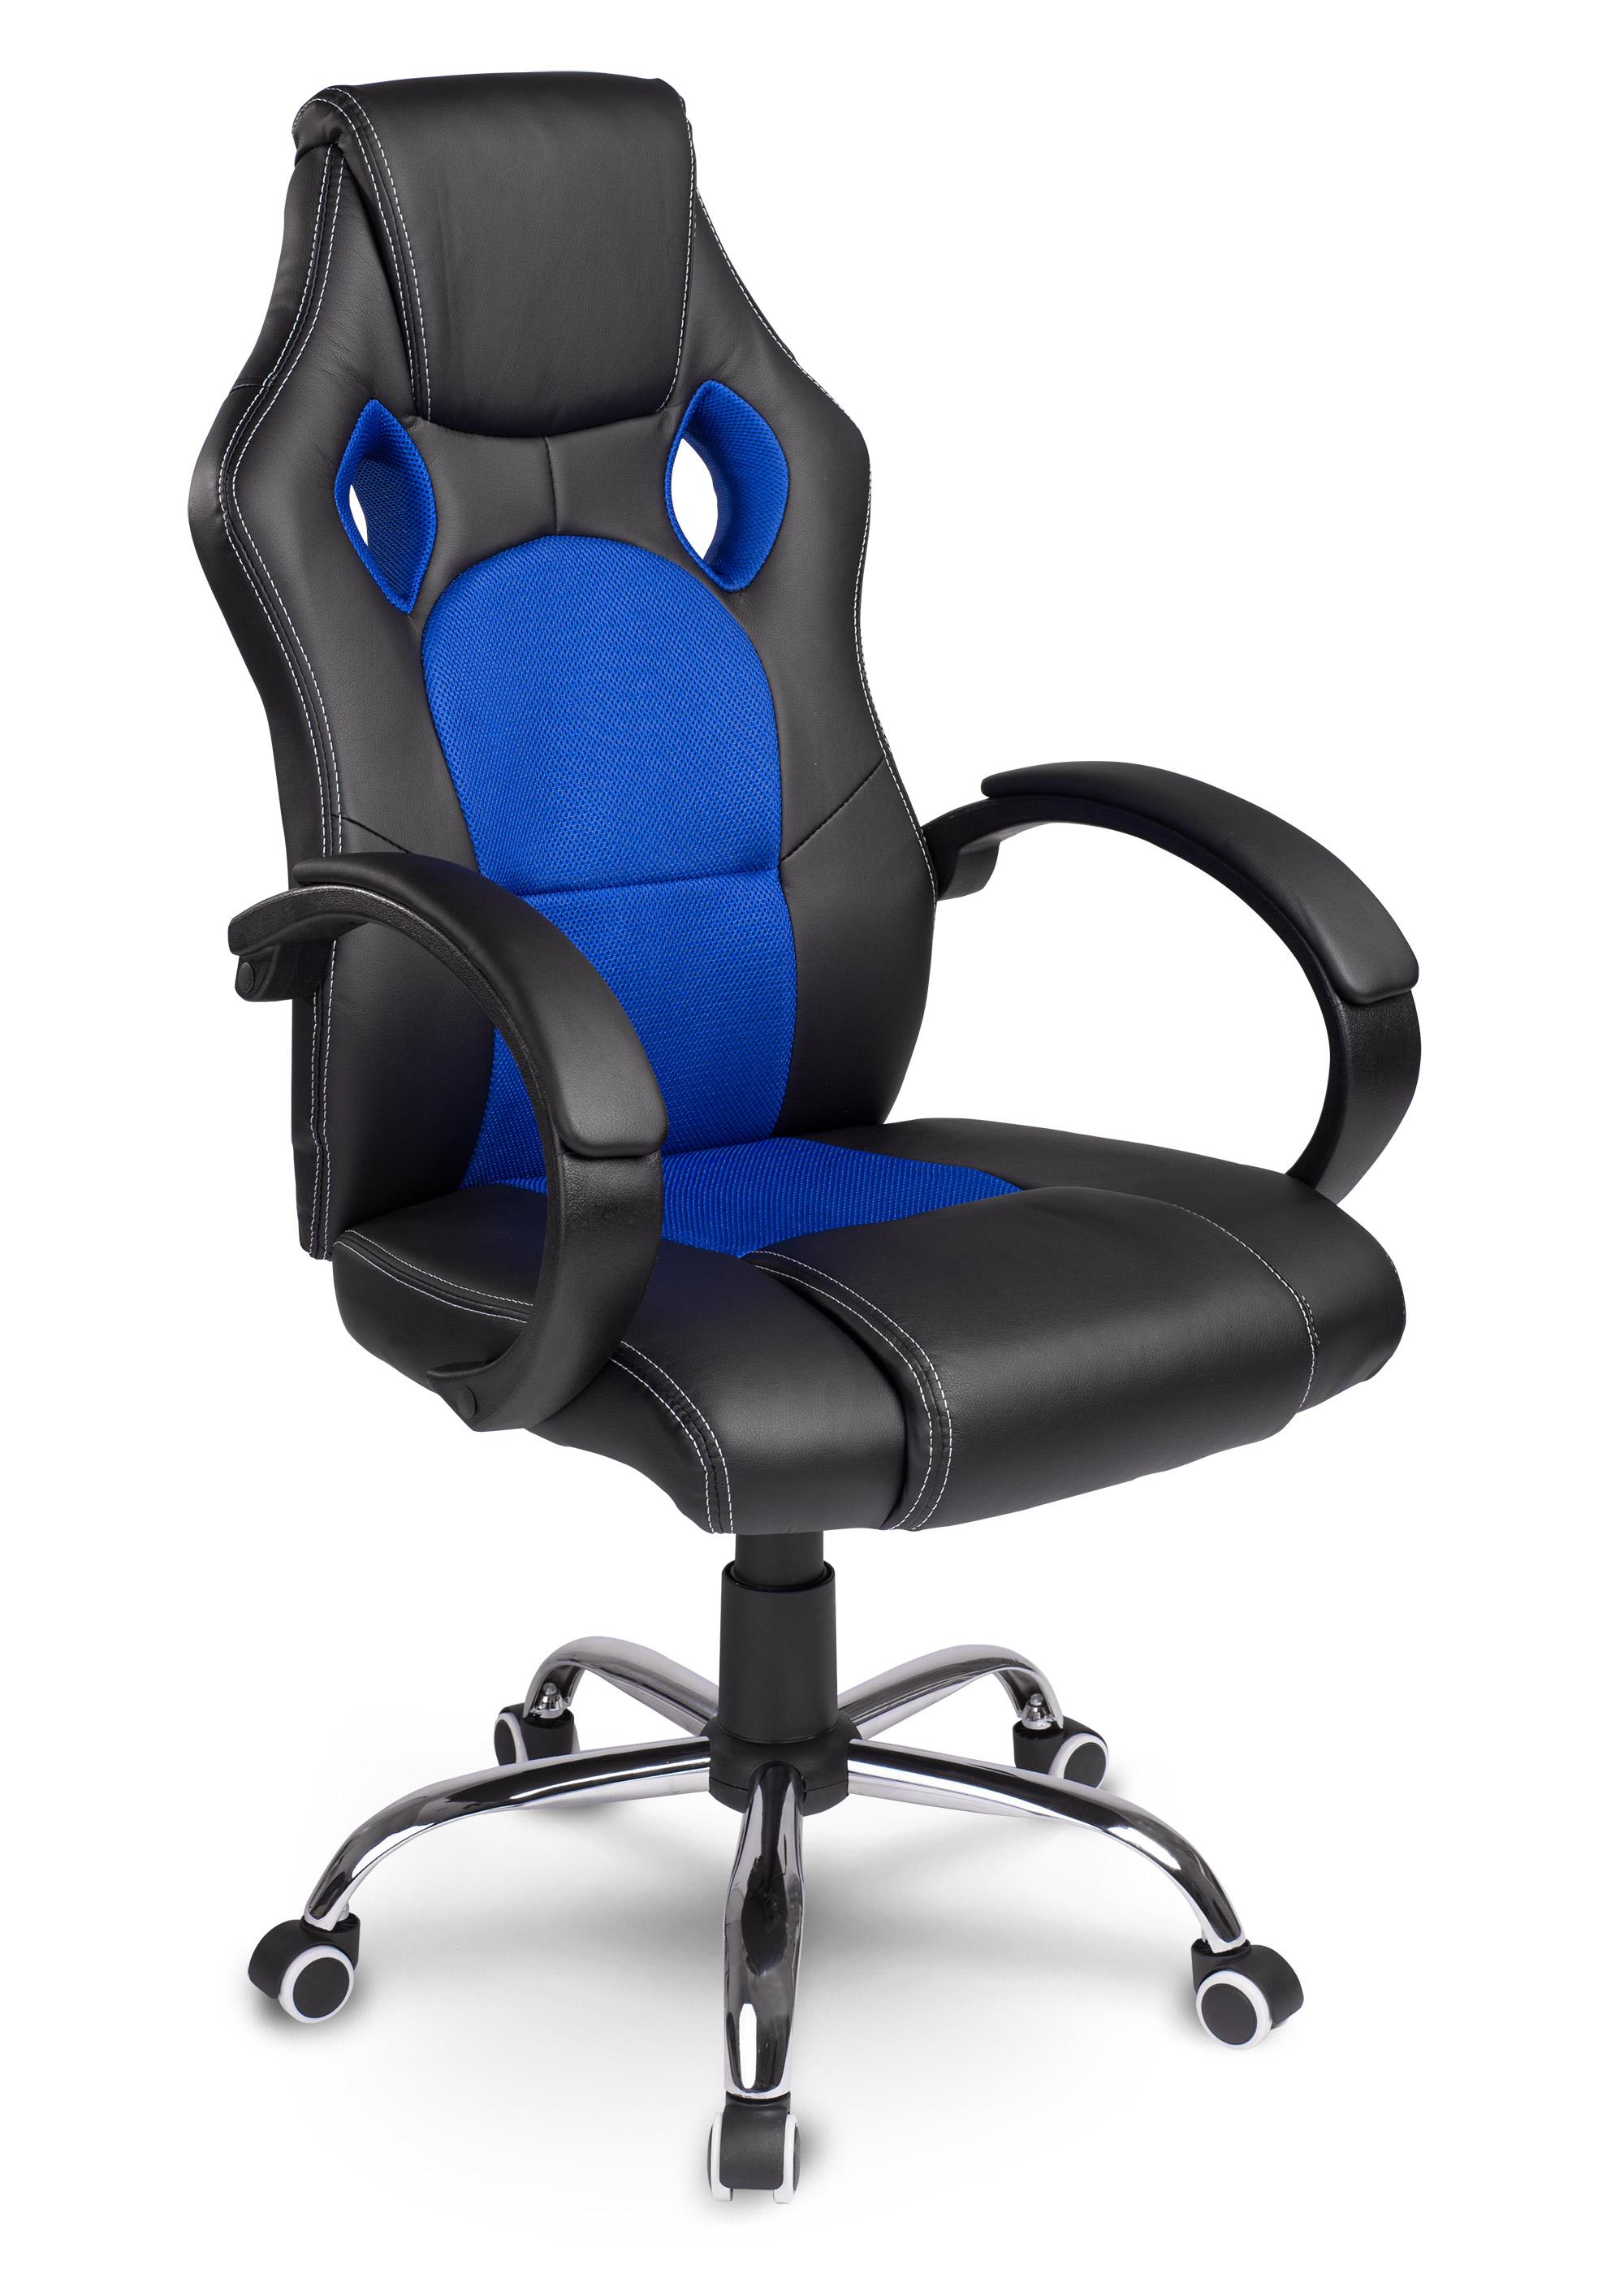 Krzesło Dla Gracza Ea35 Scotthumane